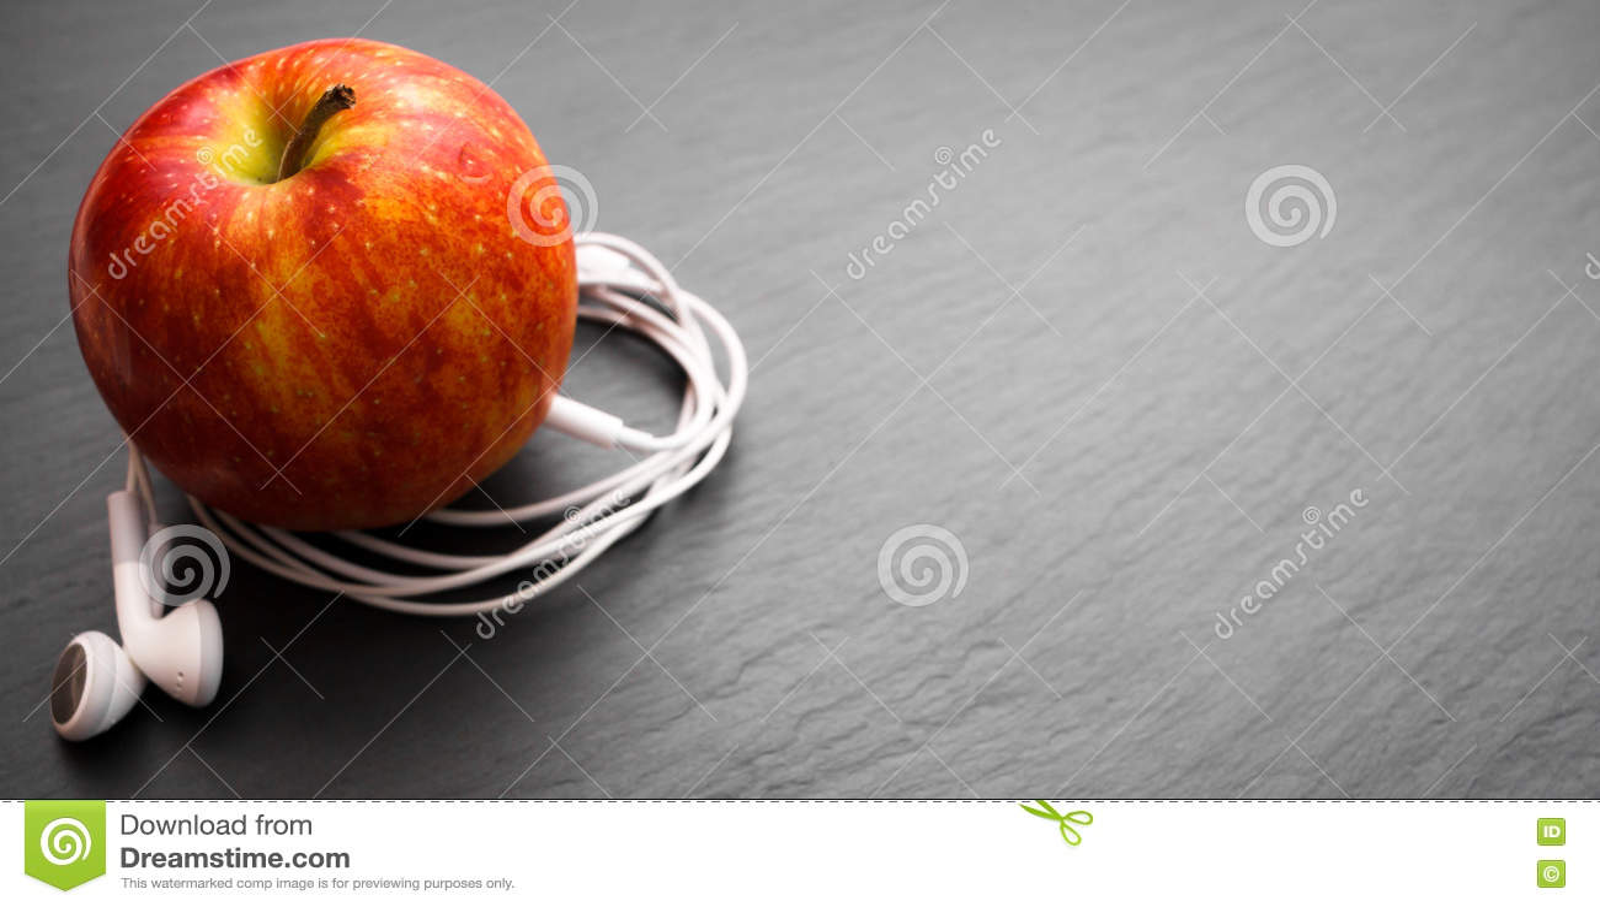 Música que juega la manzana en la cual los auriculares están conectados